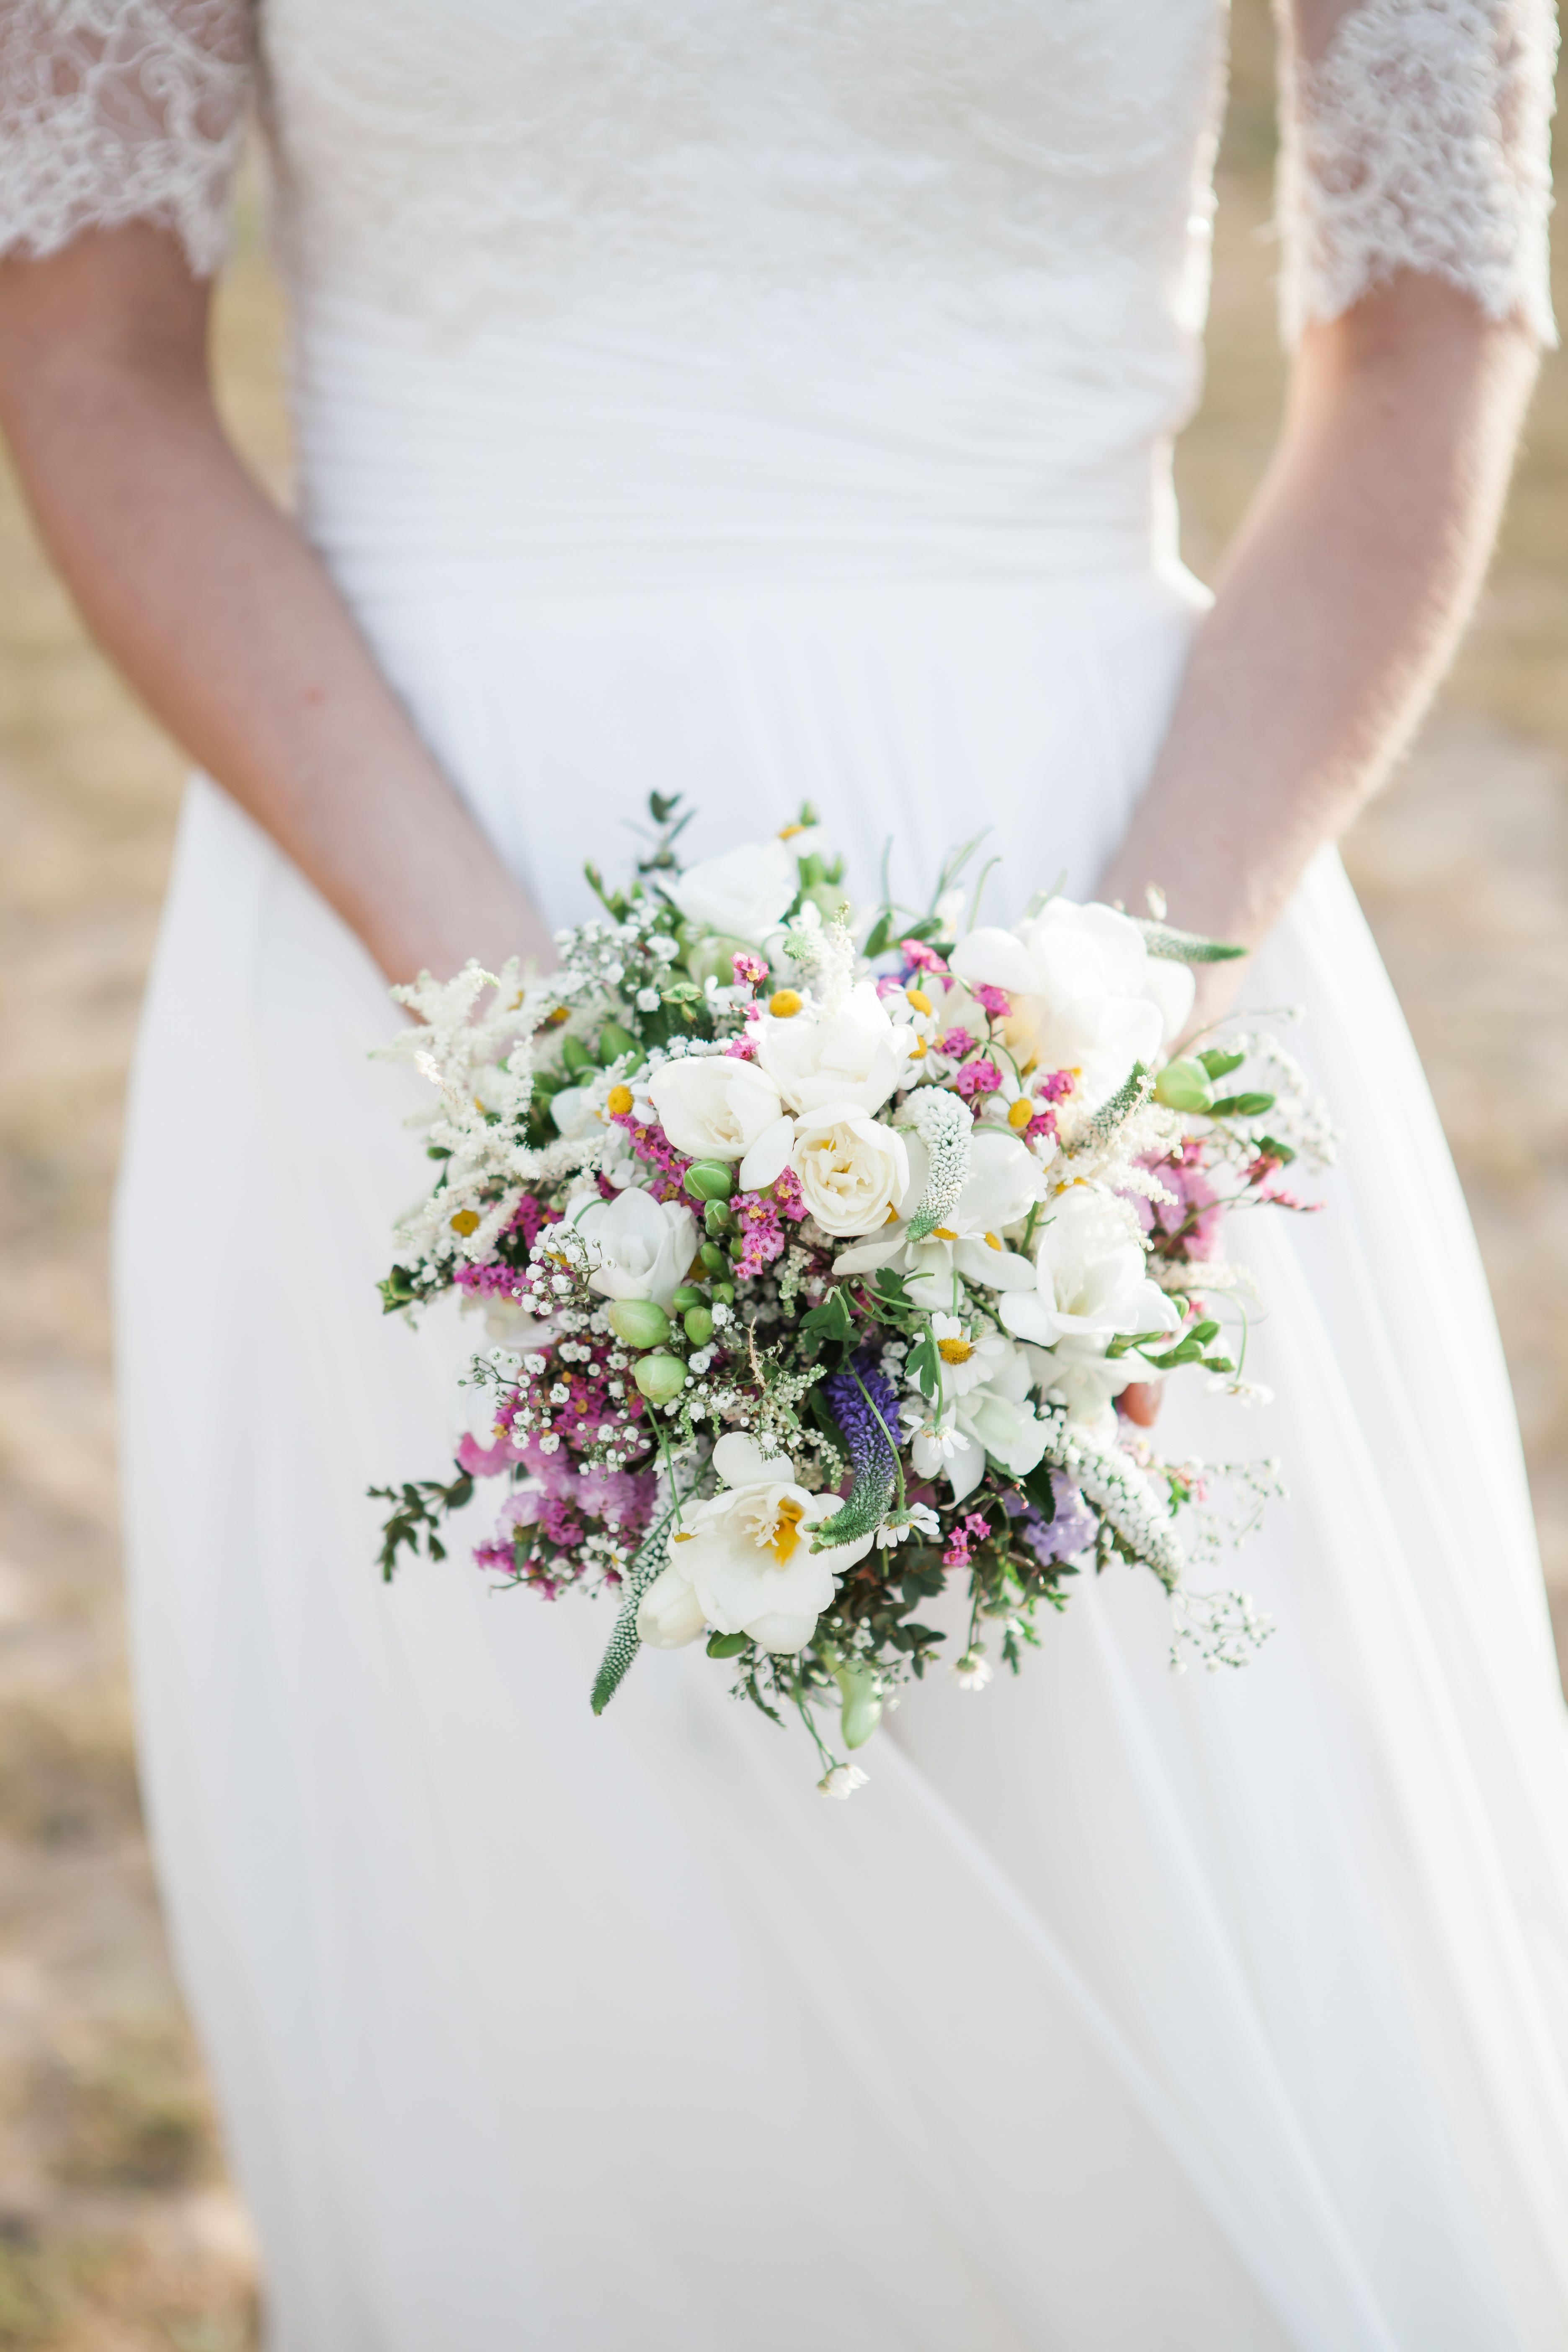 Die 10 Schonsten Brautstrauss Ideen Fur Die Hochzeit Blumenstrauss Hochzeit Wildblumen Hochzeit Standesamtliche Hochzeit